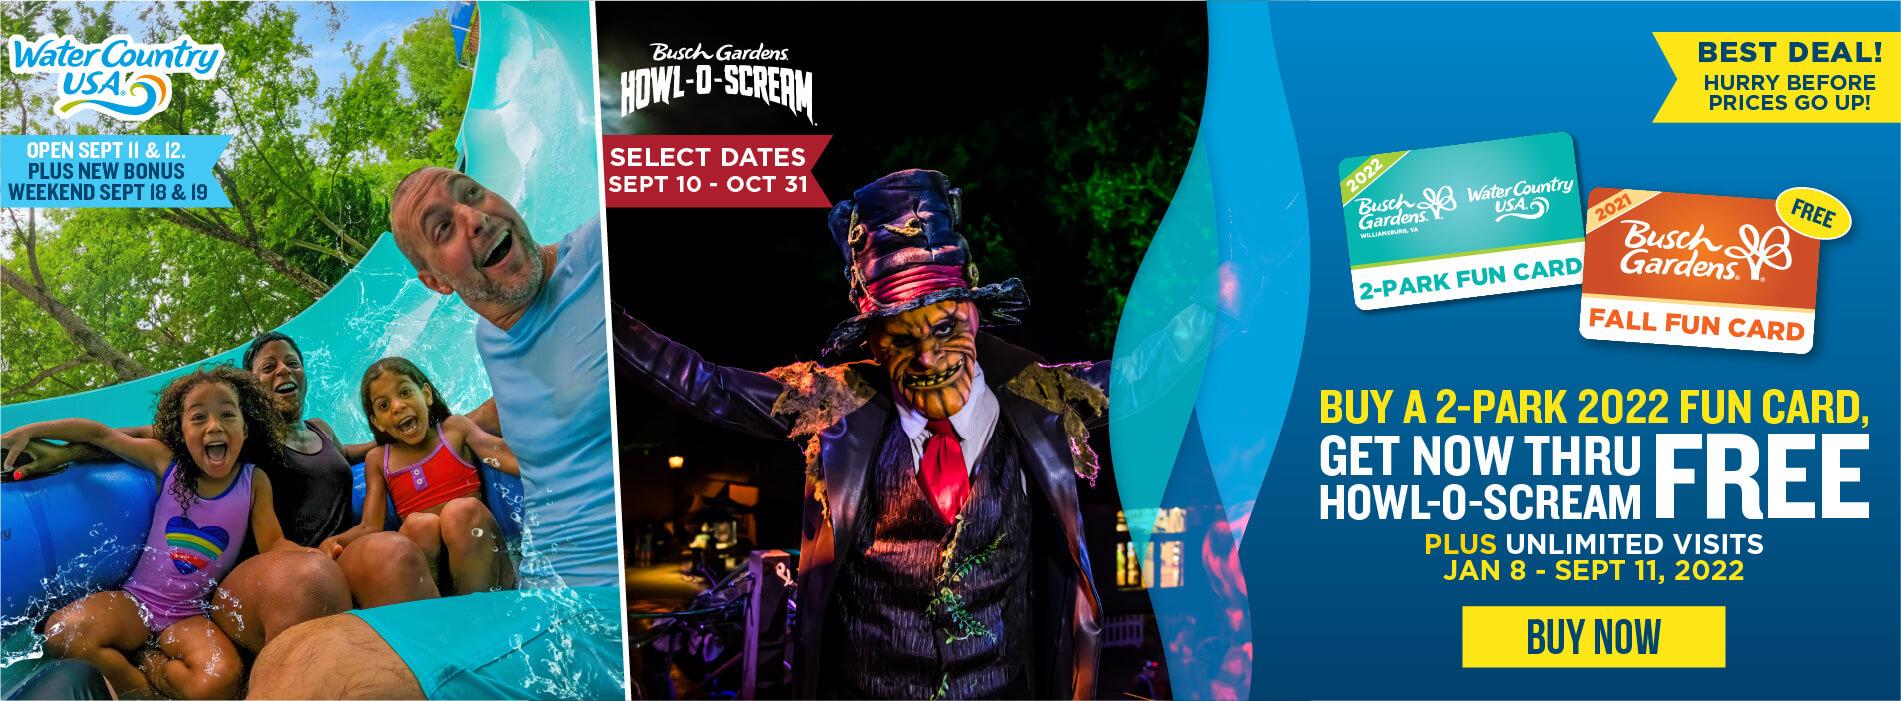 Buy a 2-Park 2022 Fun Card, Get Now Through Howl-O-Scream FREE